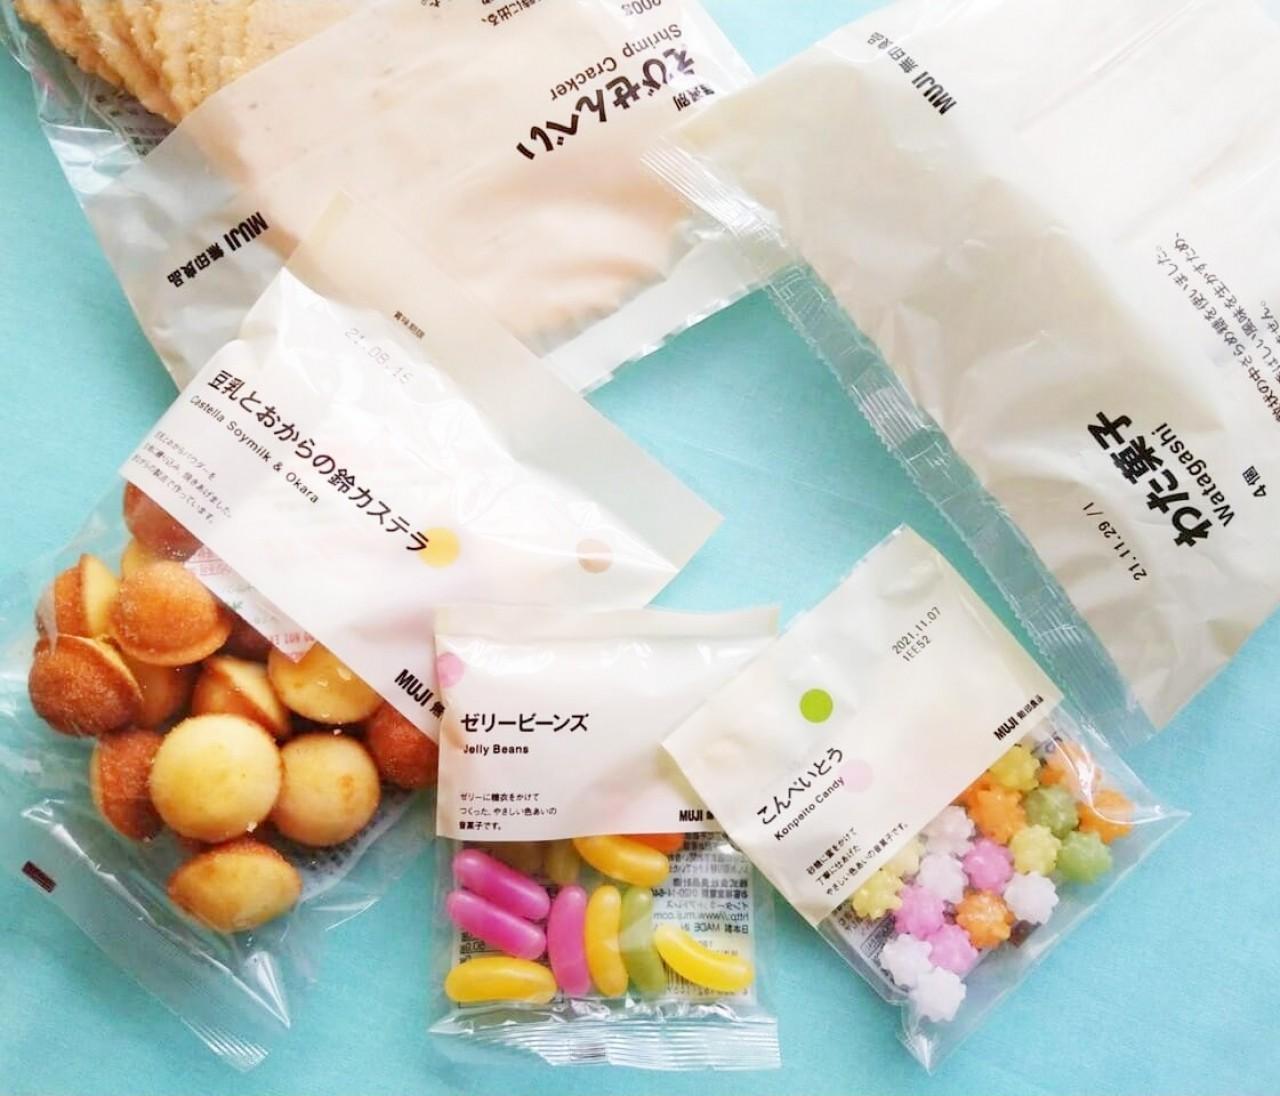 【無印良品】懐かしい「わた菓子」「鈴カステラ」など駄菓子が充実♡ えびせんべいはB級グルメ「たません」風アレンジで縁日気分に!